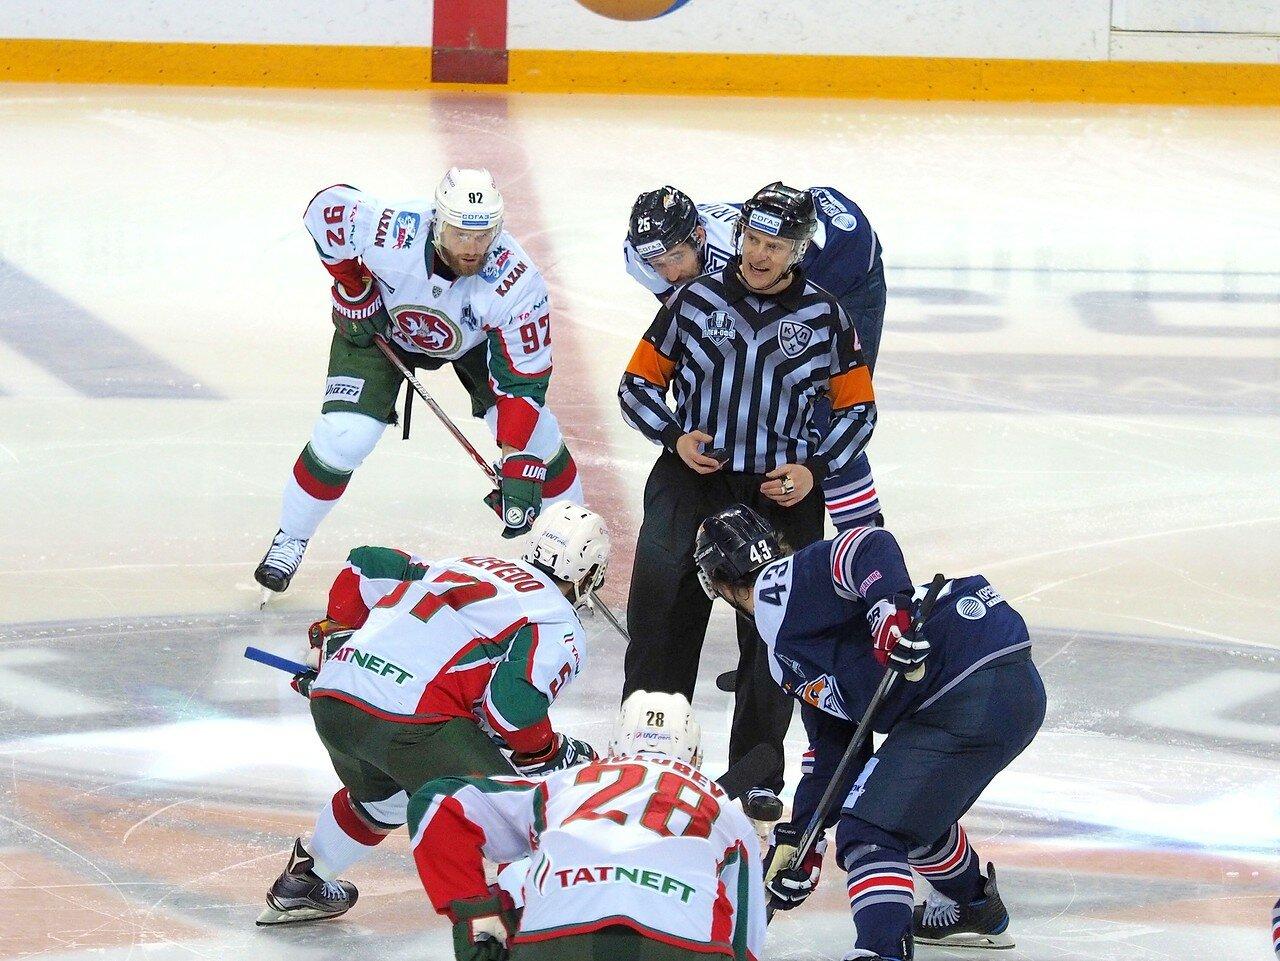 34 Первая игра финала плей-офф восточной конференции 2017 Металлург - АкБарс 24.03.2017